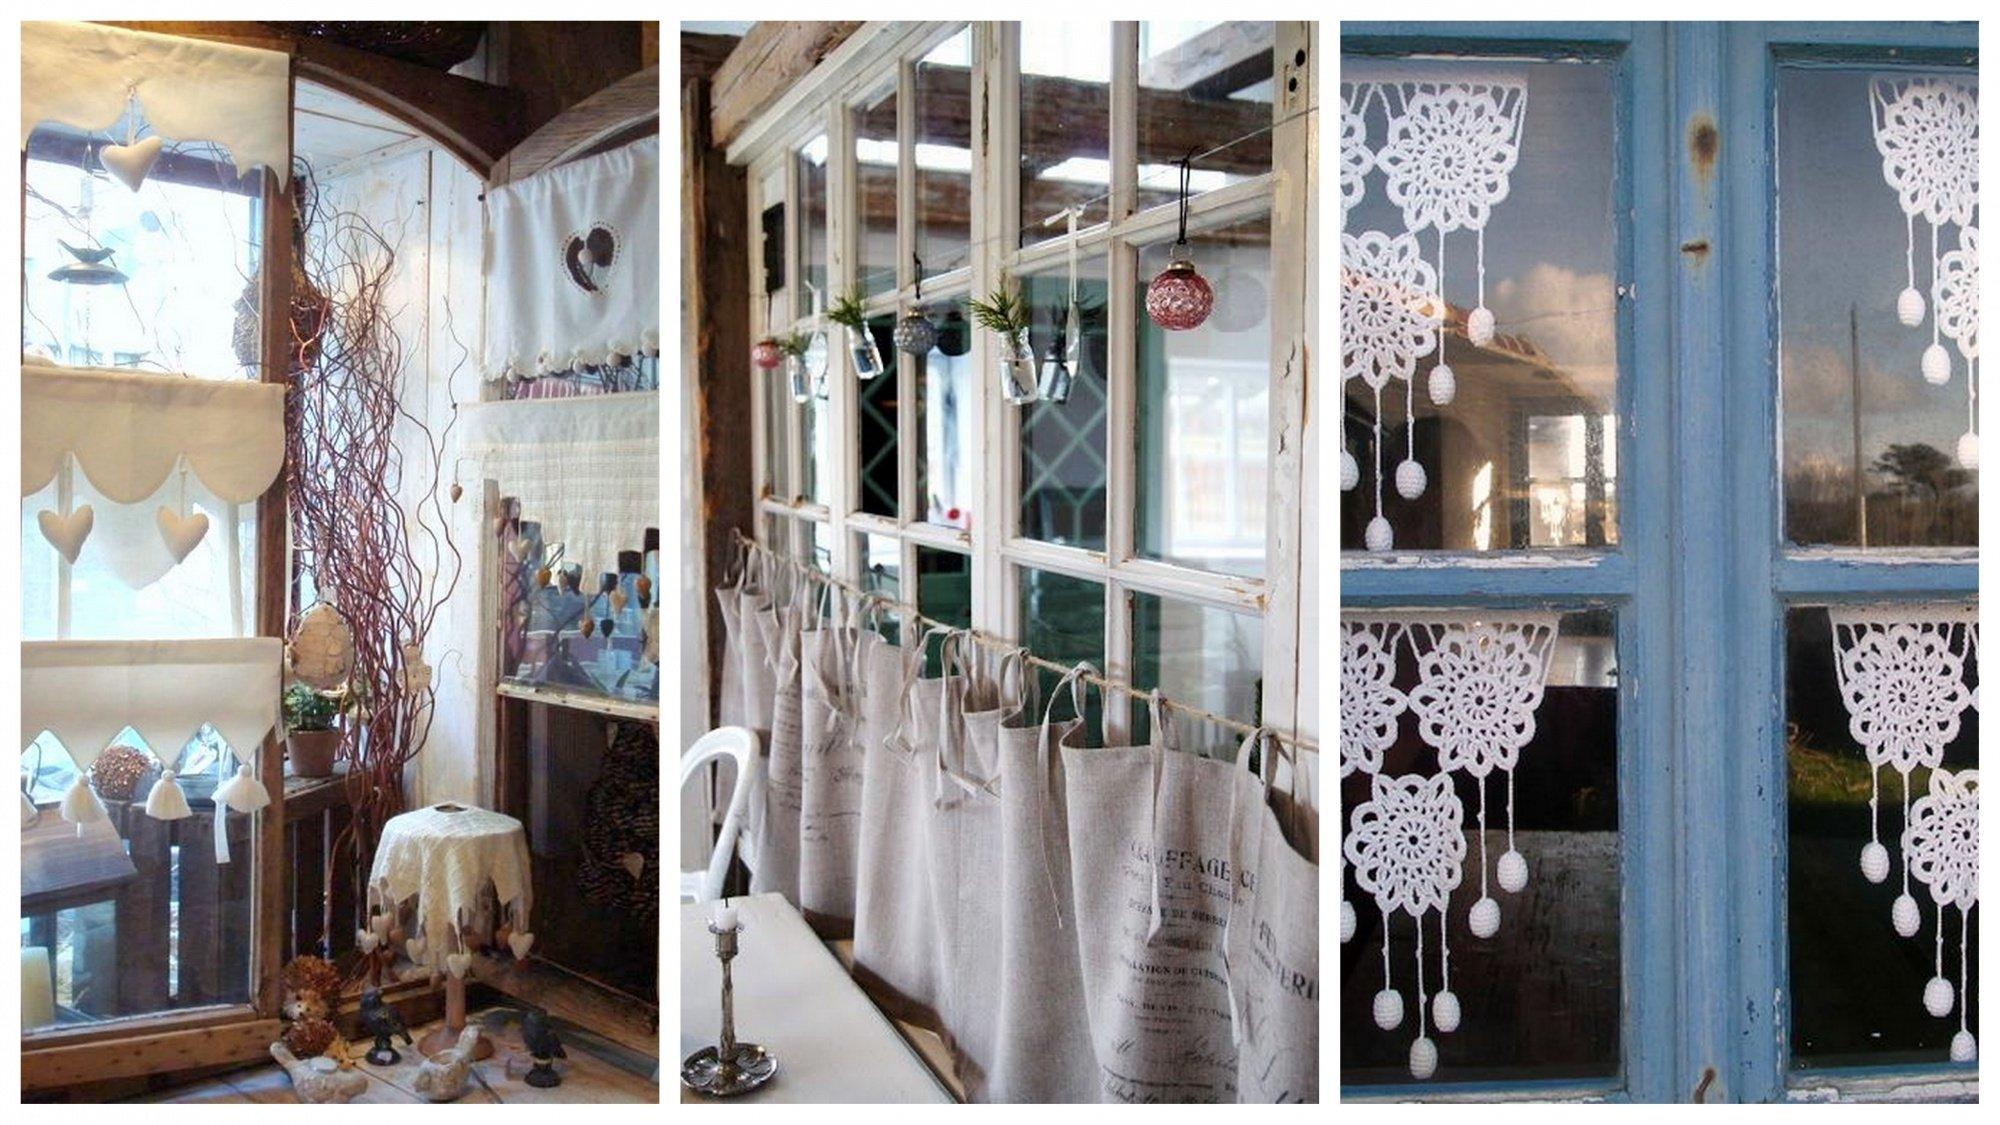 Copridivano stile provenzale arredare salotto stile - Copridivano stile provenzale ...